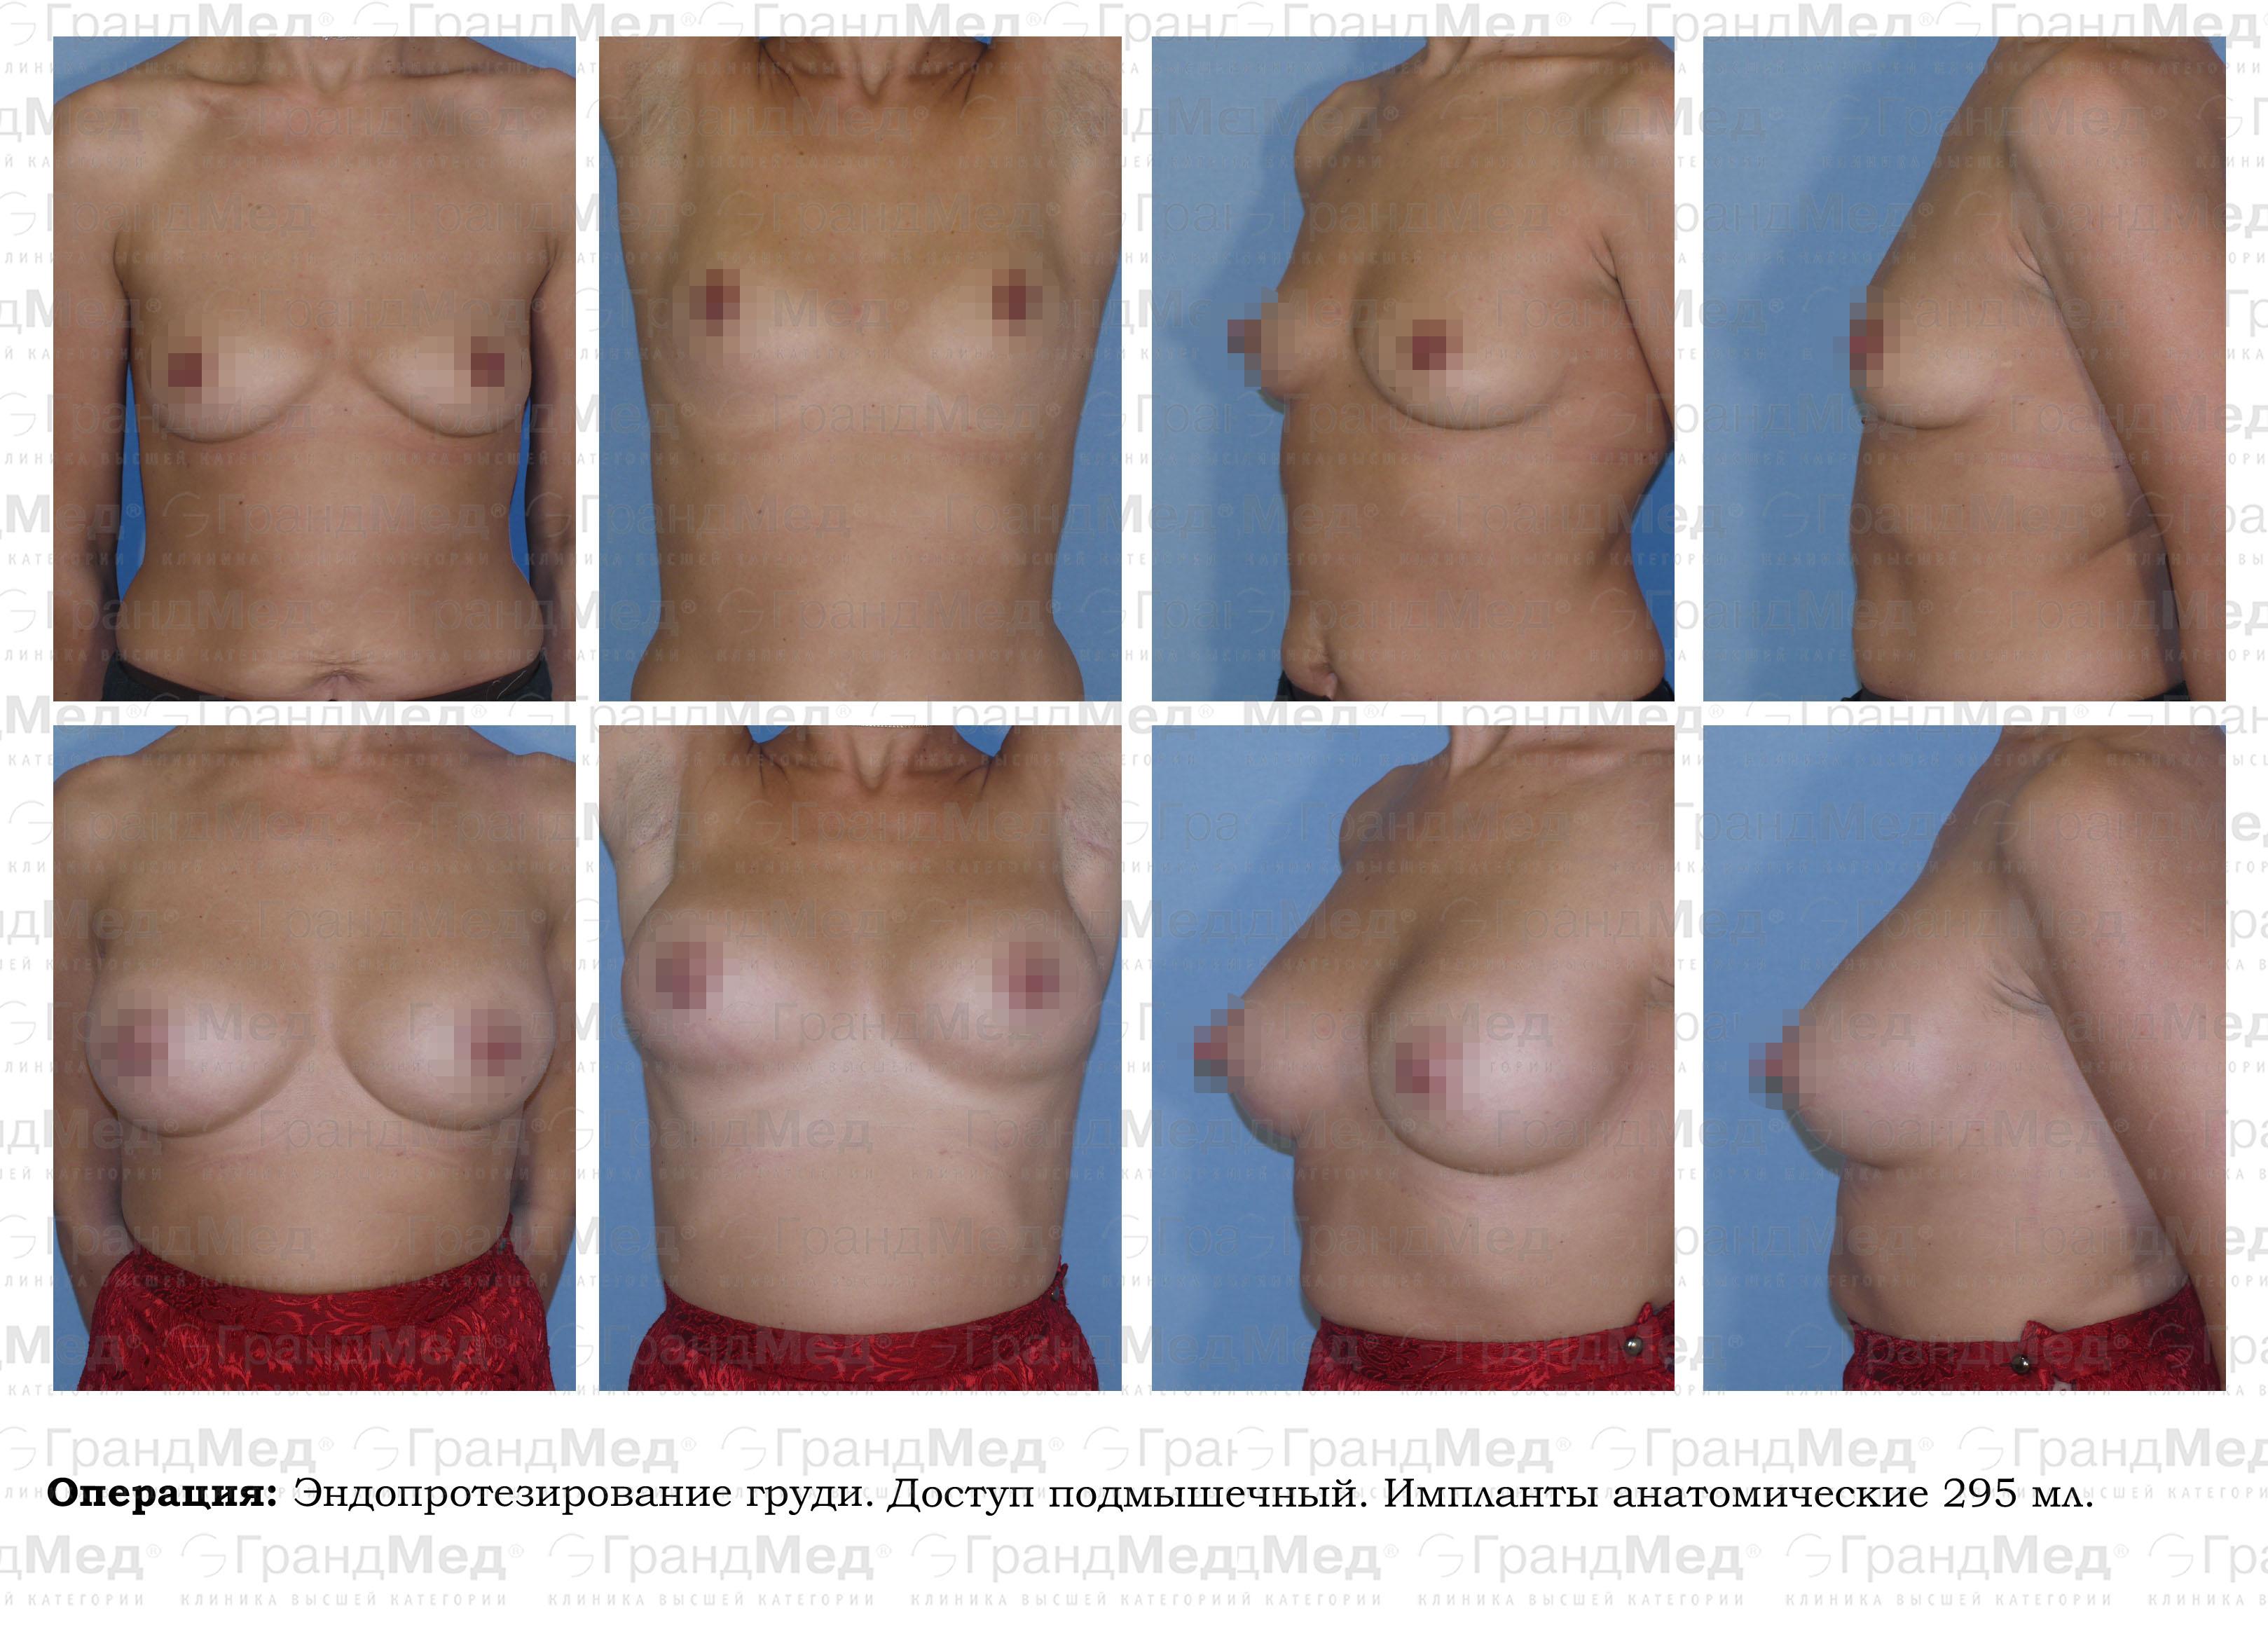 Отзывы об упражнениях для увеличения груди